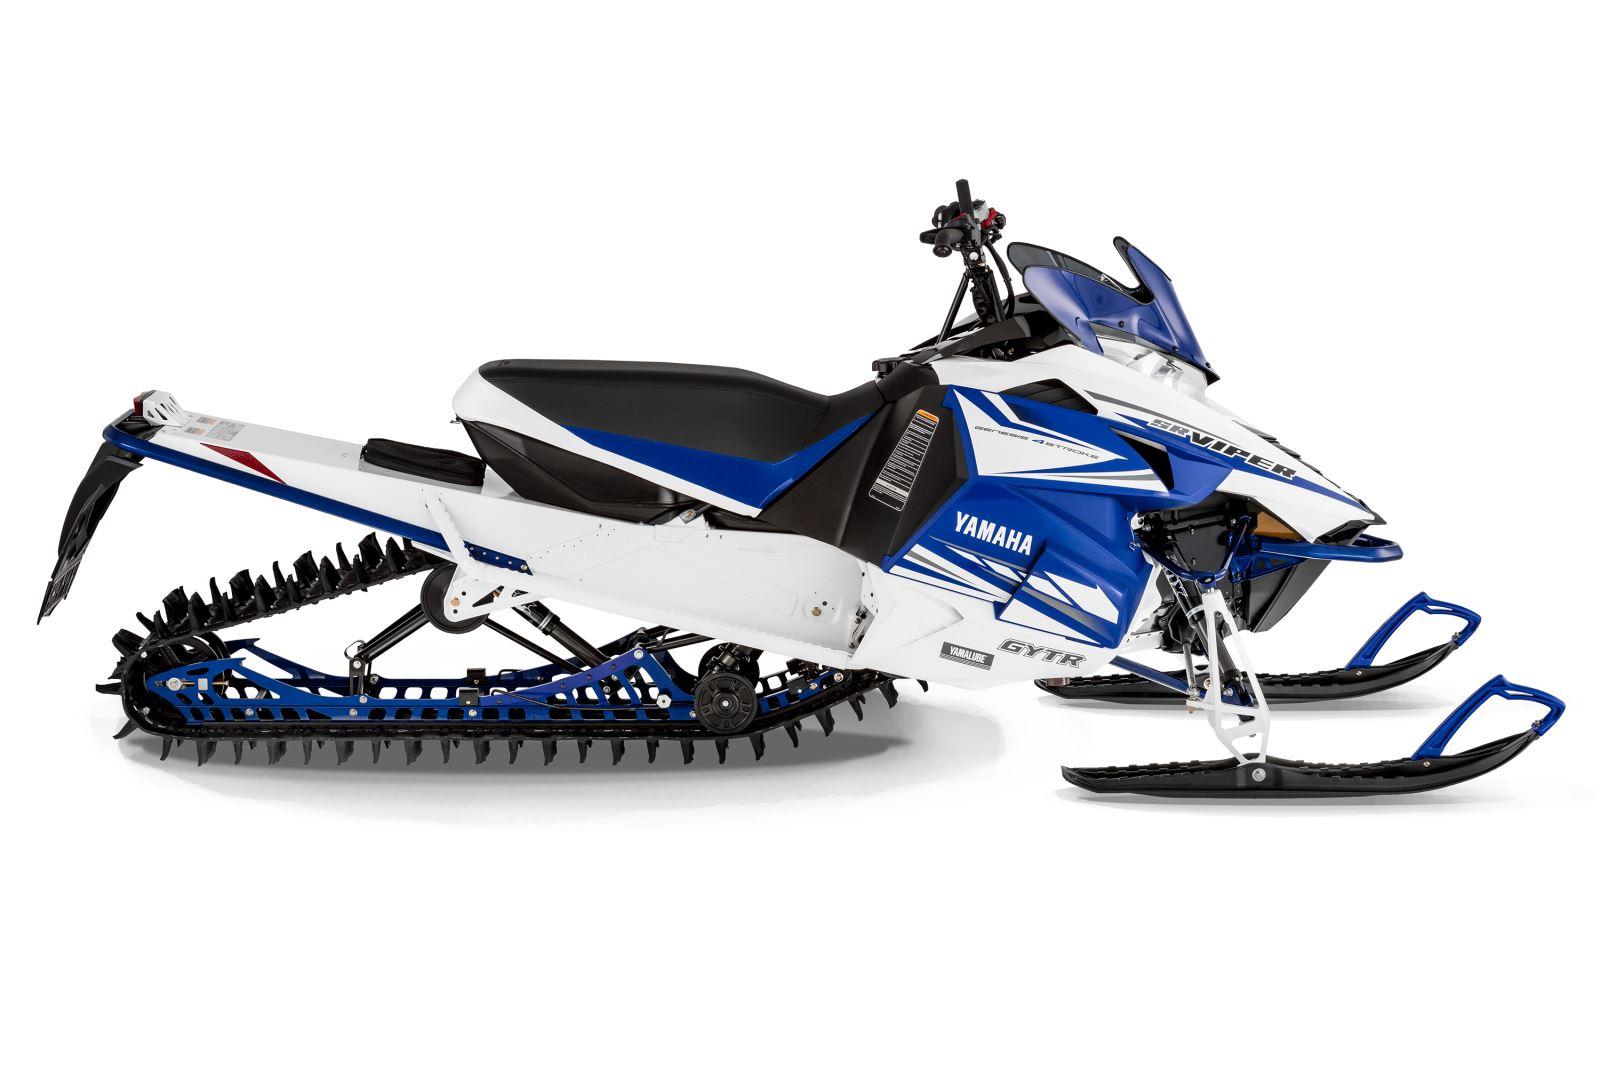 2016 yamaha snowmobile news autos post for Yamaha snow mobiles